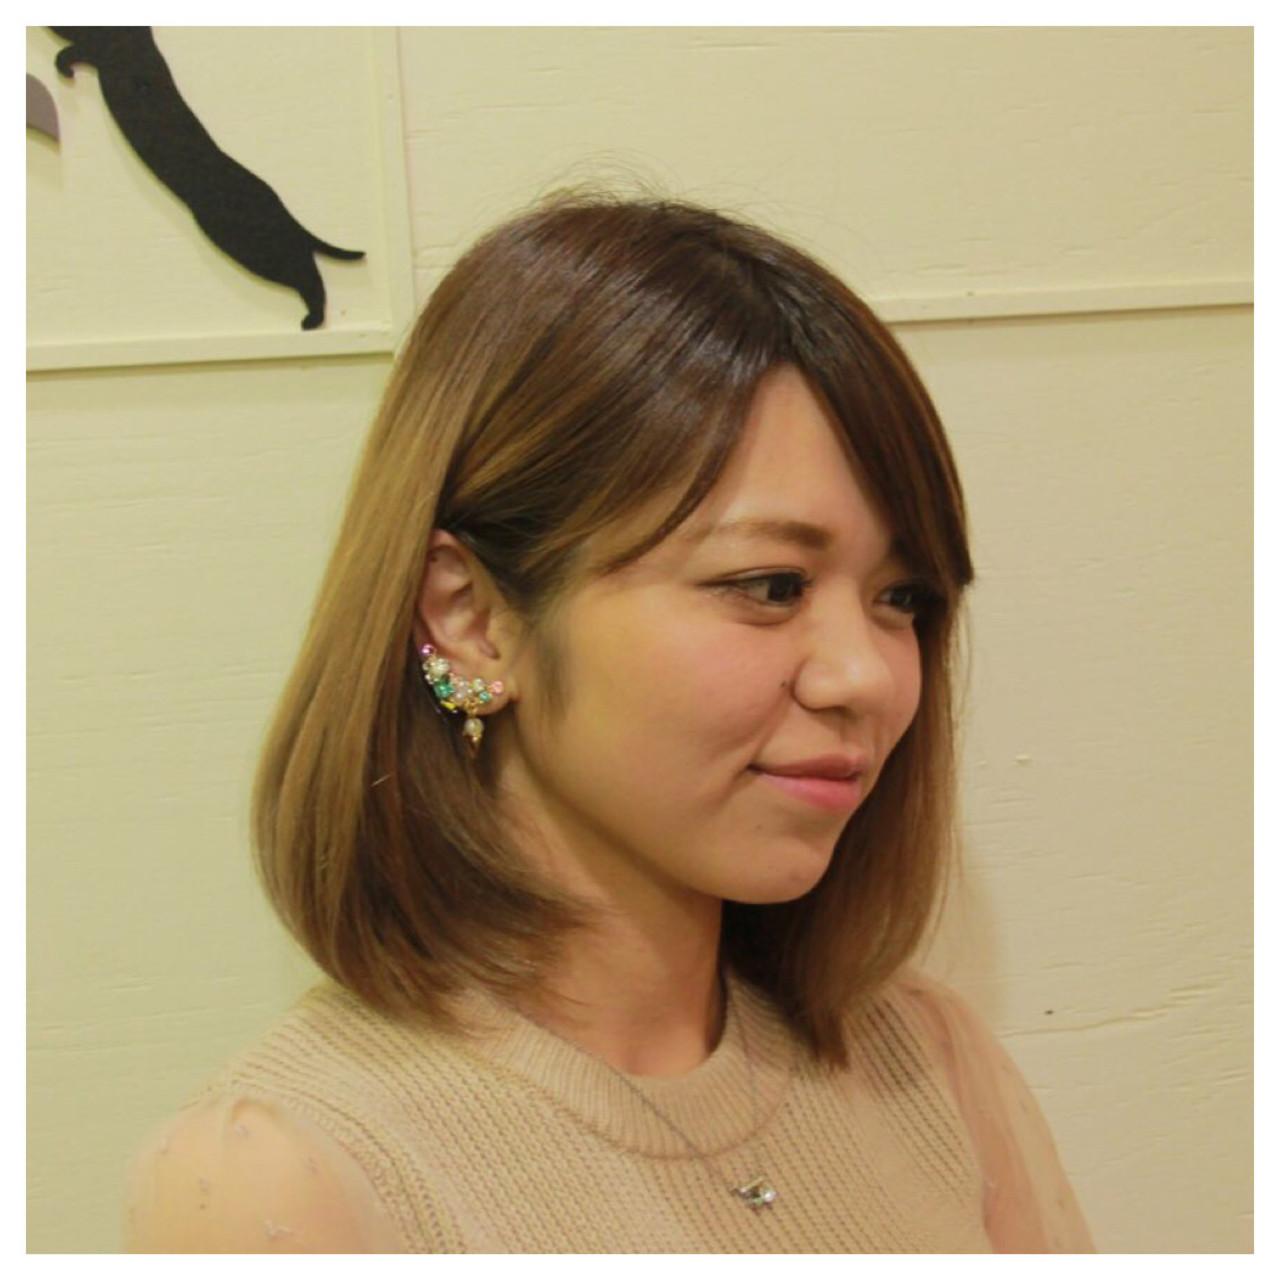 透明感 ロブ グラデーションカラー グレージュ ヘアスタイルや髪型の写真・画像